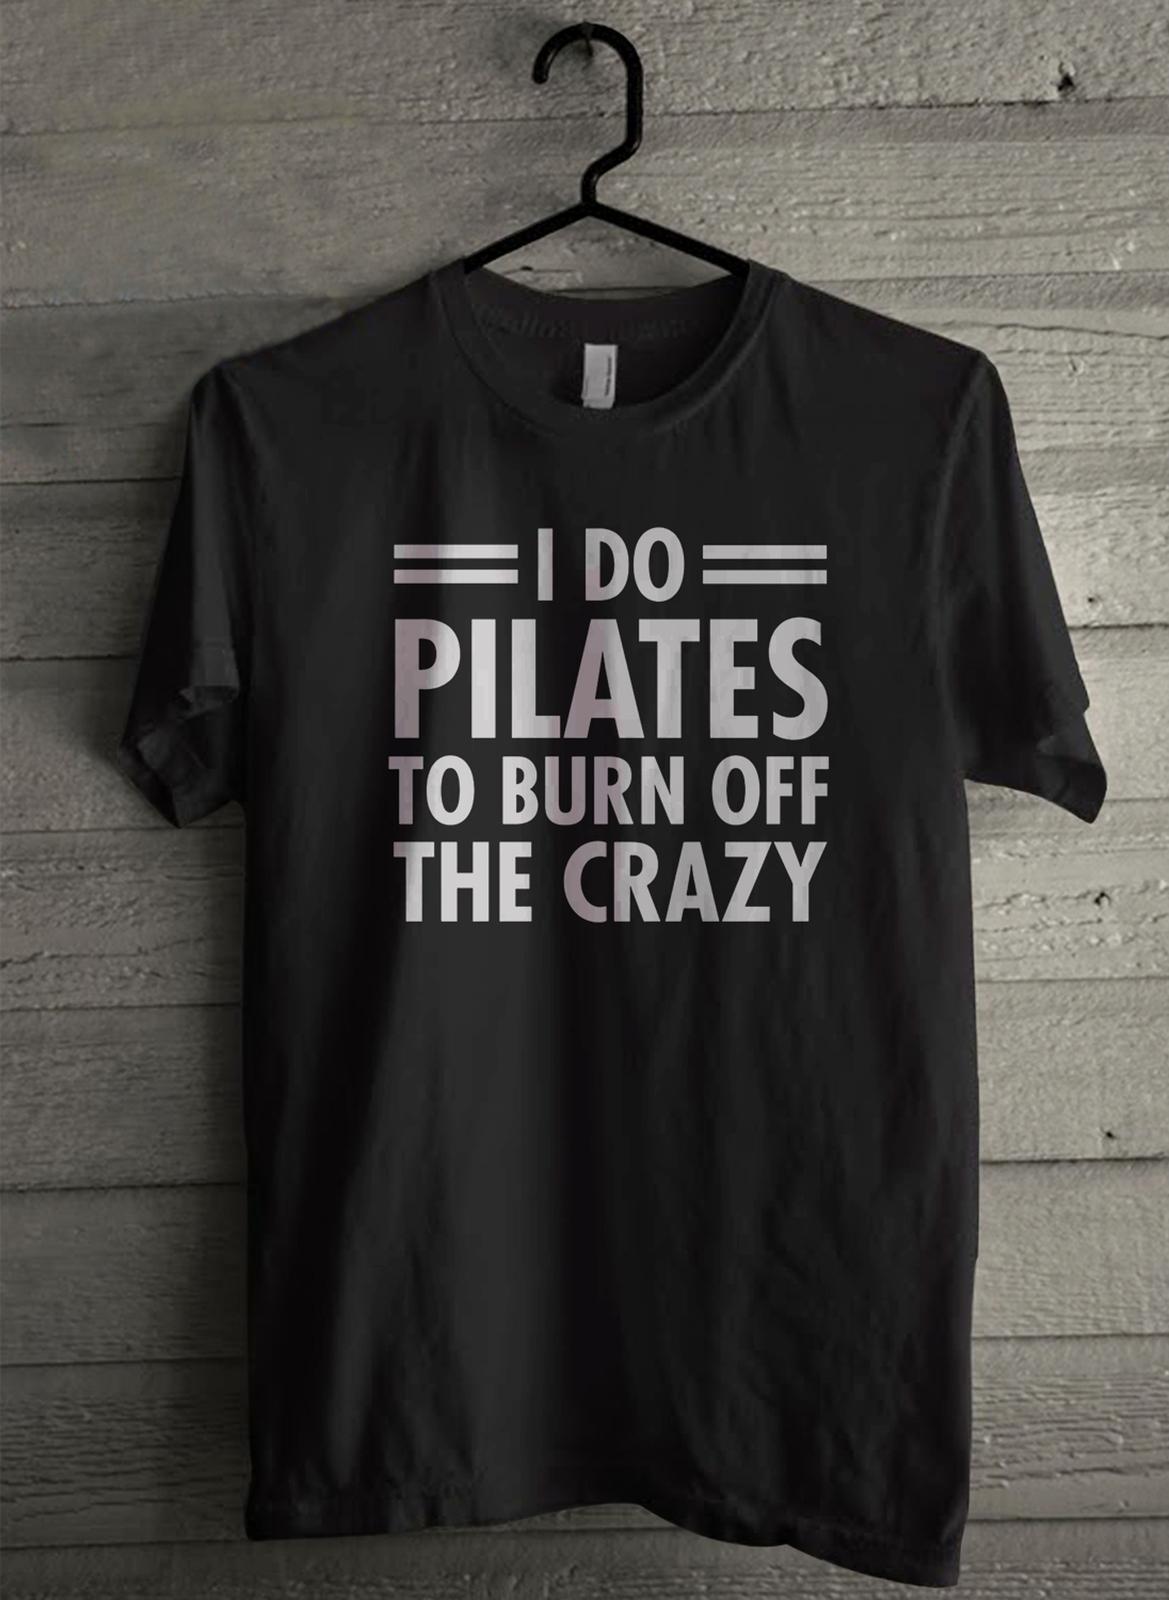 I do pilates to burn off the crazy